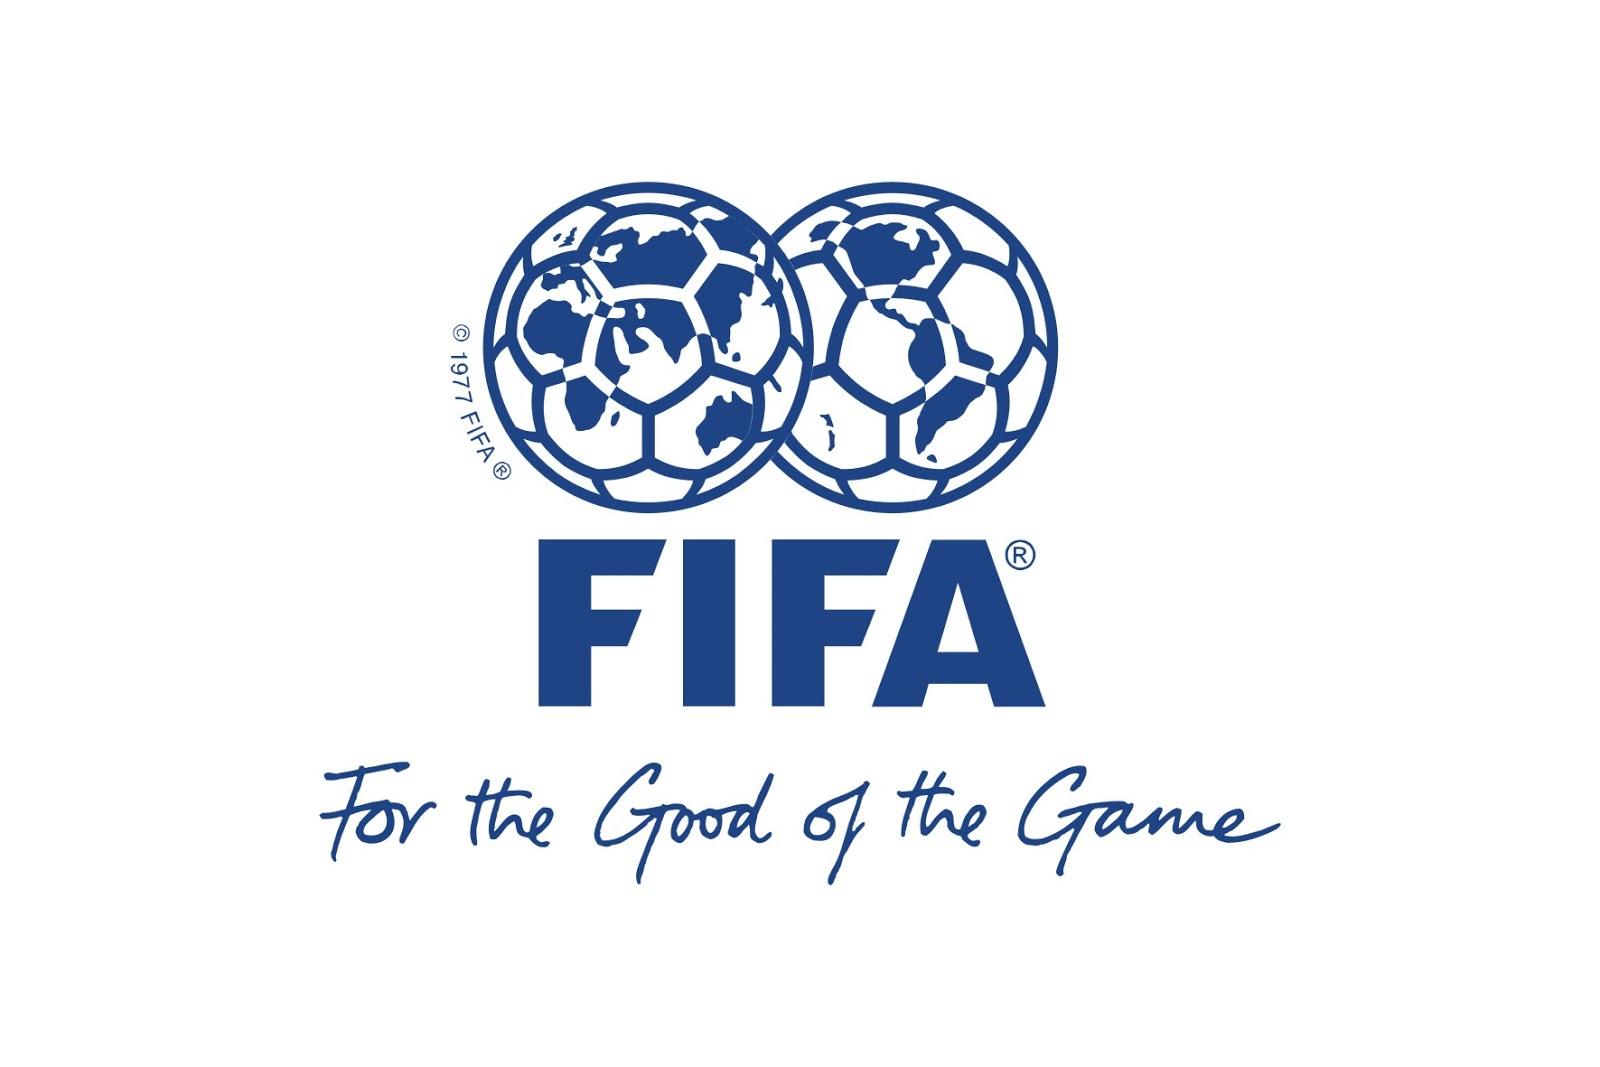 Los ingresos de la FIFA se disparan a 5.400 millones de euros tras el Mundial de Brasil